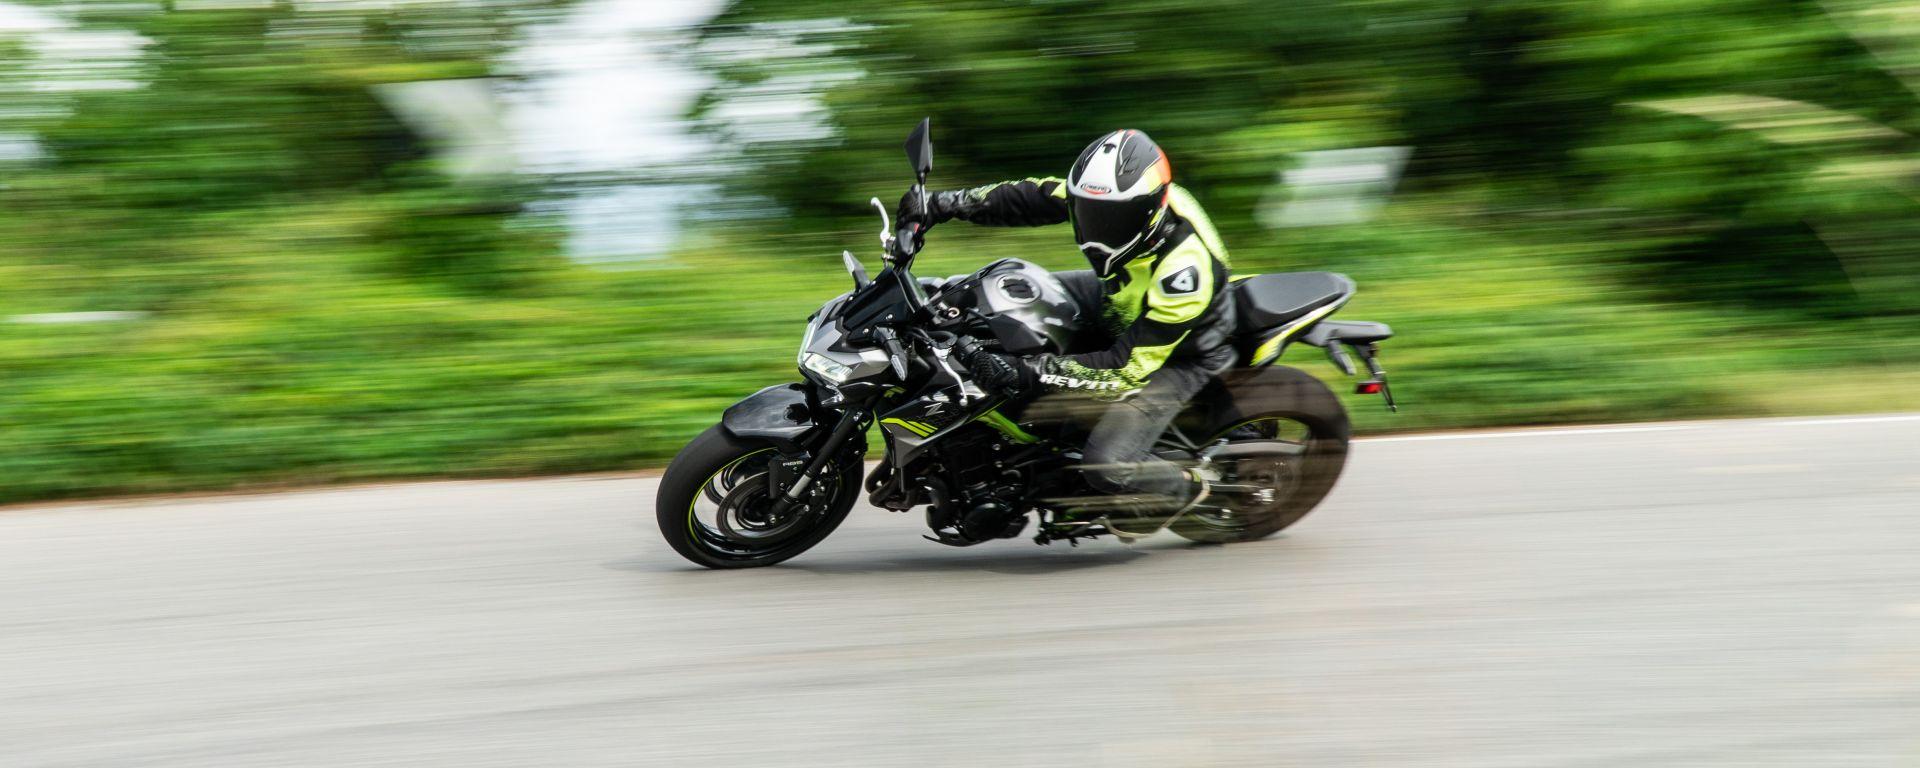 La prova della Kawasaki Z900